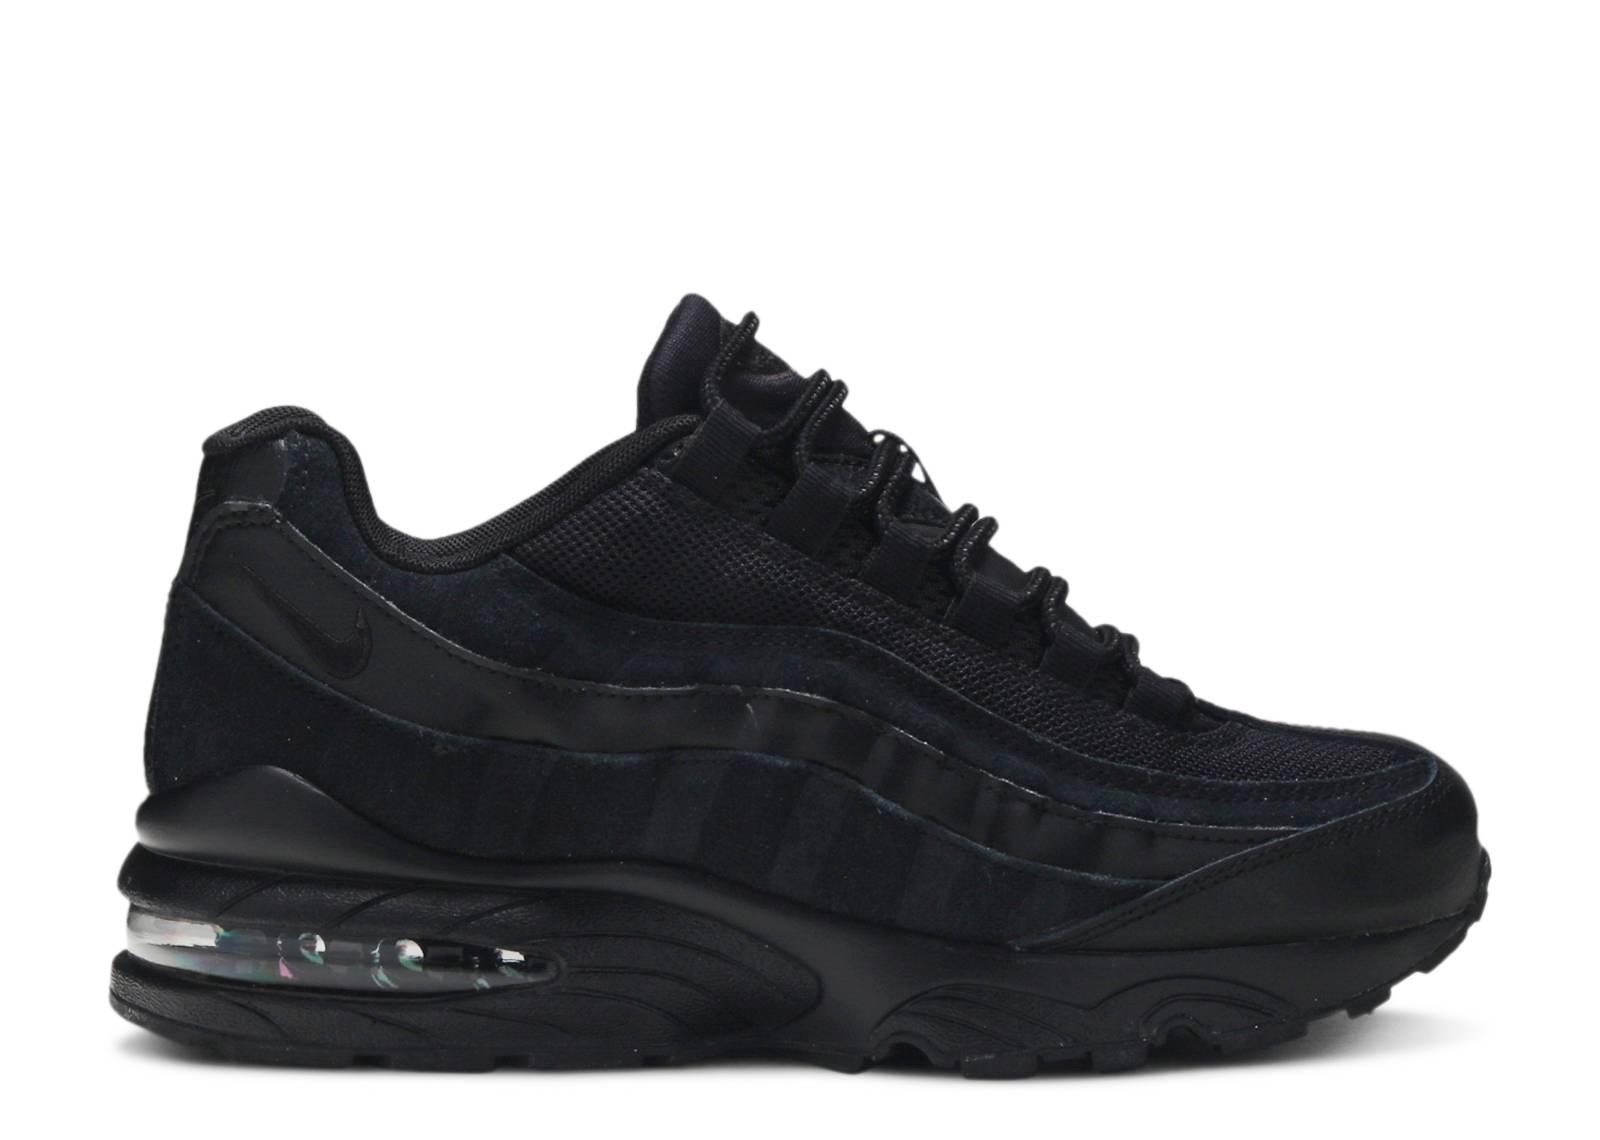 Nike Air Max Shoes | Flight Club